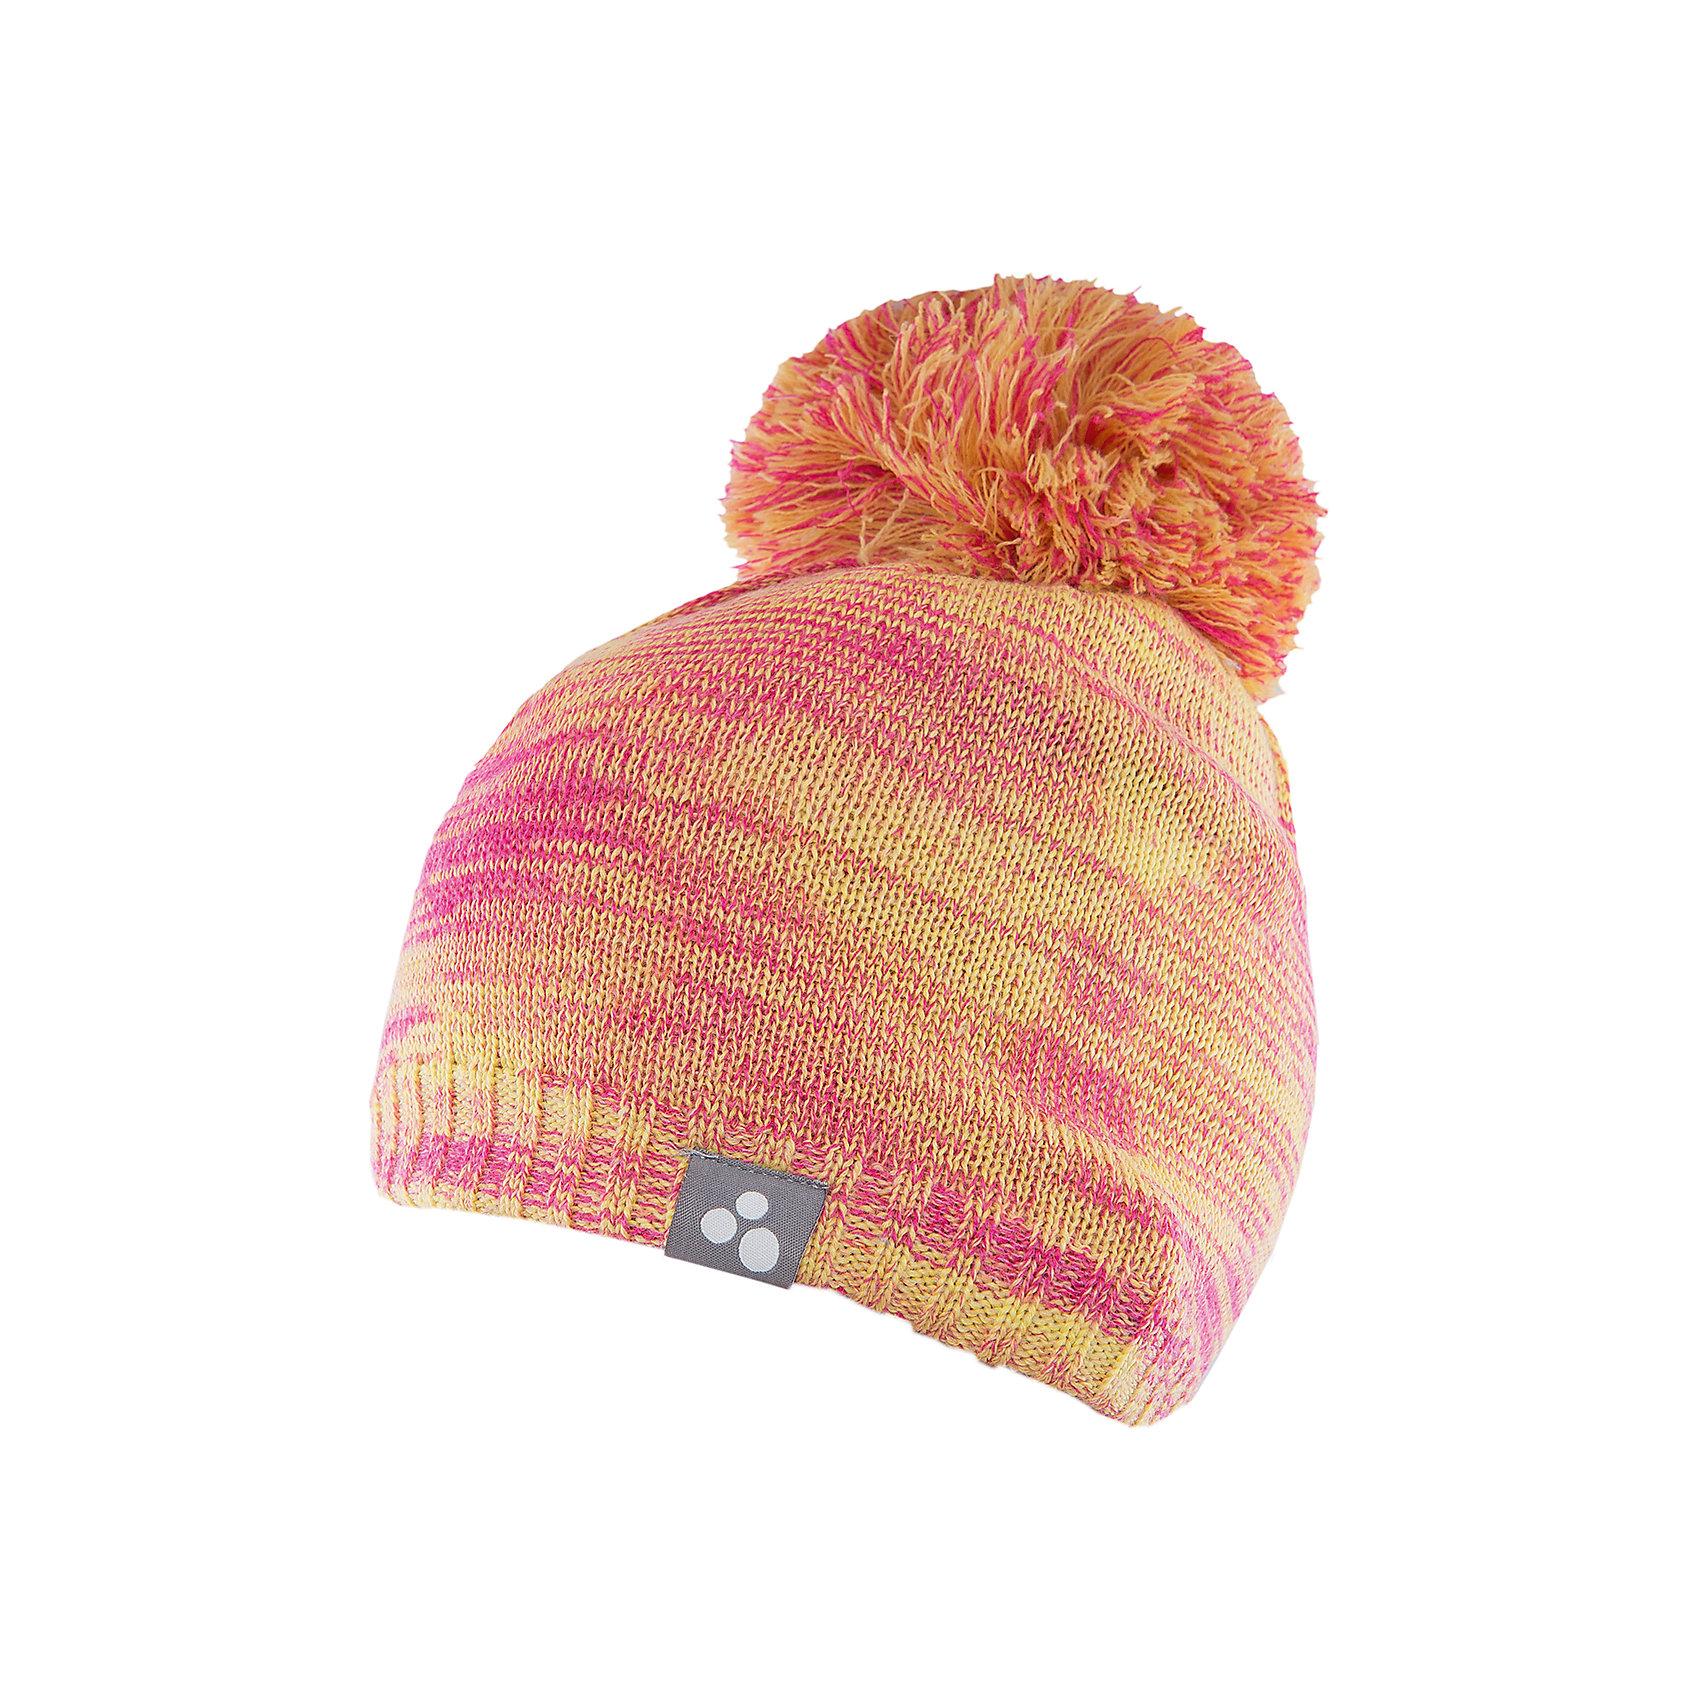 Шапка  HuppaЗимние<br>Шапка Huppa Daimar изготовлена из шерсти мериноса и акрила. Имеет крупный помпон и светоотражательный элемент. Эта шапка согреет ребенка в холодную погоду, а идеальное сочетание цветов непременно порадуют юного модника!<br><br>Дополнительная информация:<br>Цвет: желтый/розовый<br>Состав: 50% шерсть мериноса, 50% акрил<br><br>Шапку Huppa Daimar можно приобрести в нашем интернет-магазине.<br><br>Ширина мм: 89<br>Глубина мм: 117<br>Высота мм: 44<br>Вес г: 155<br>Цвет: зеленый<br>Возраст от месяцев: 132<br>Возраст до месяцев: 144<br>Пол: Женский<br>Возраст: Детский<br>Размер: 57,55-57,51-53<br>SKU: 4923521